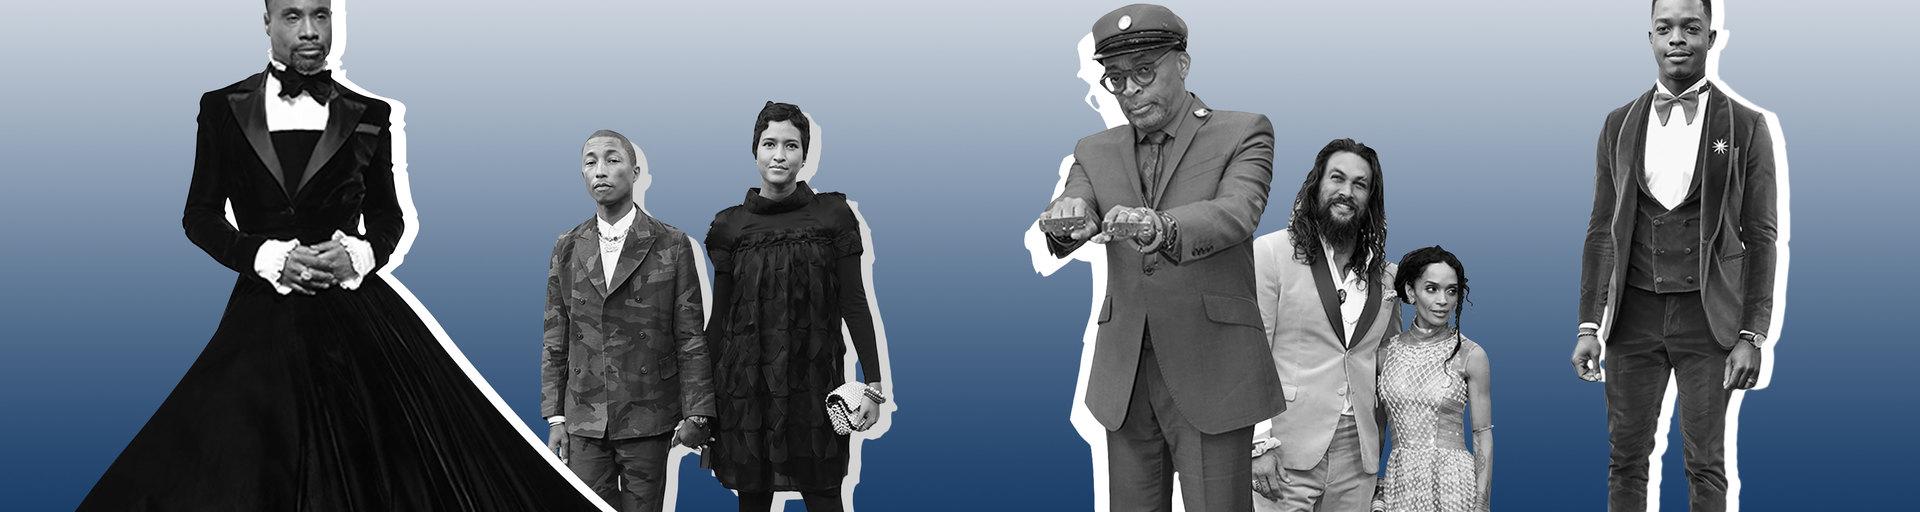 Самые модные мужчины премии «Оскар-2019»